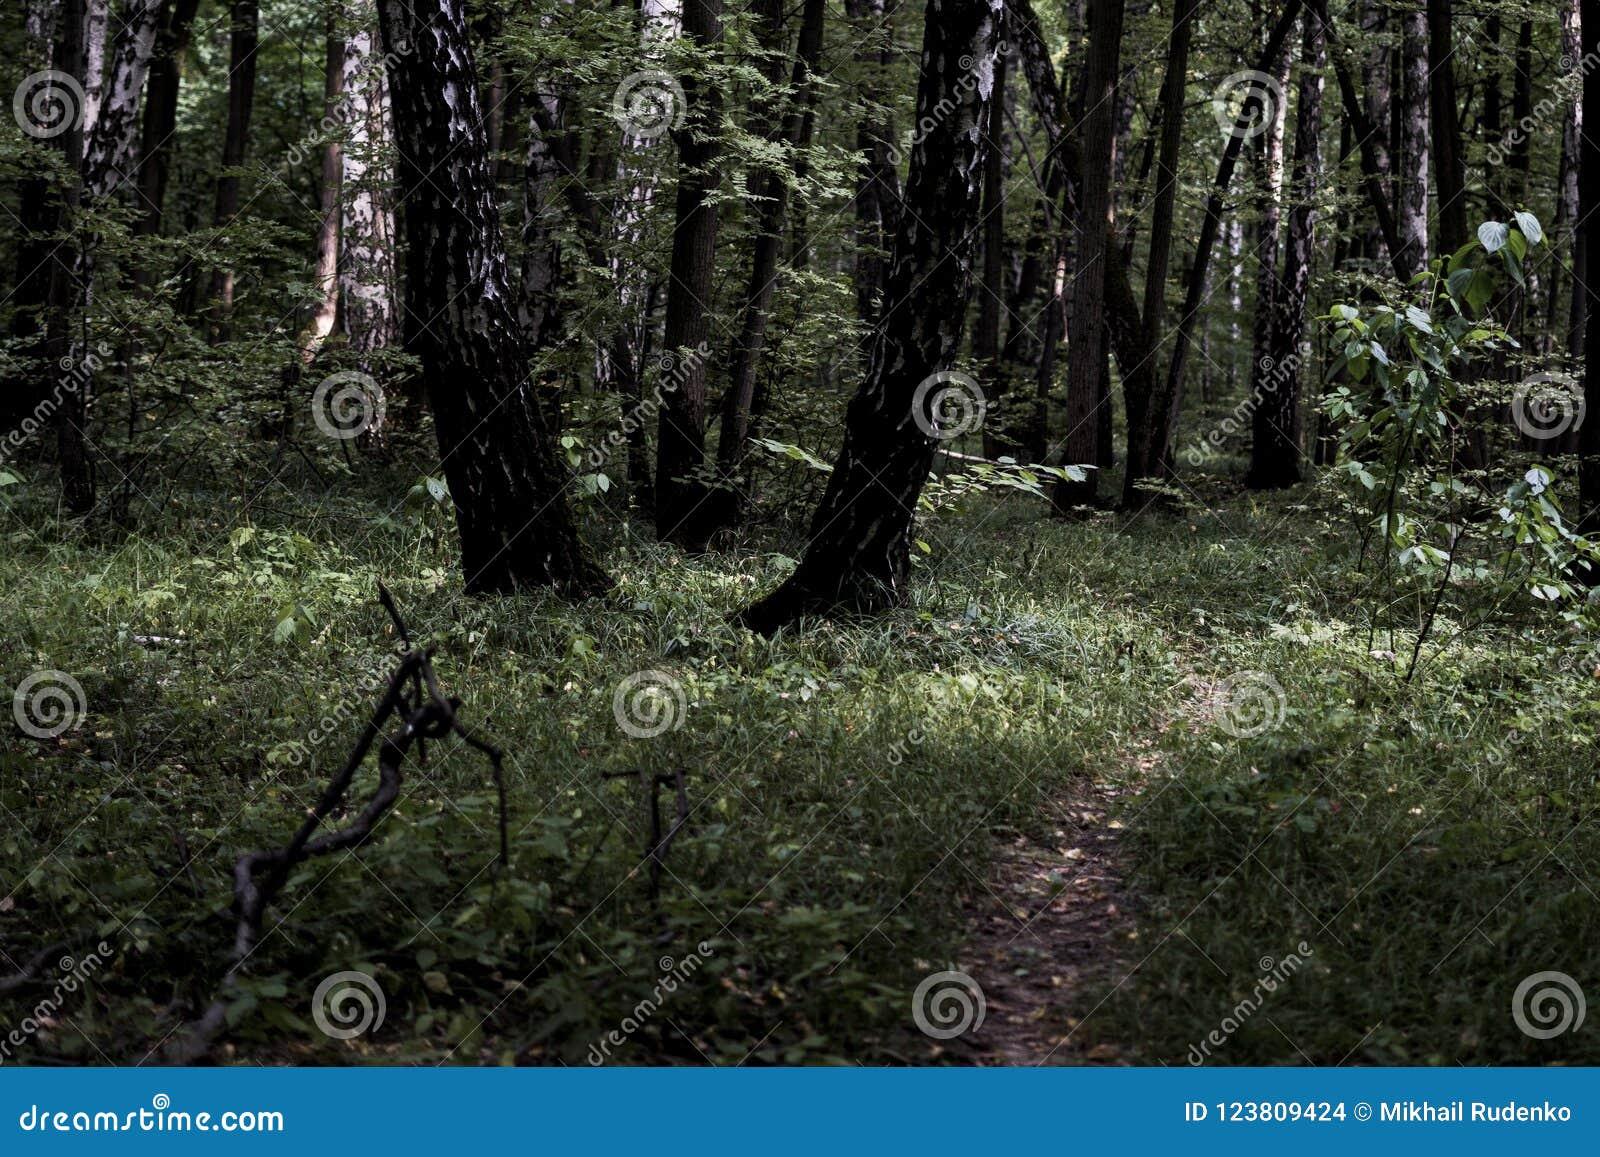 Ciemna markotna mglista ciężka lasowa ścieżka z wiele drzewami